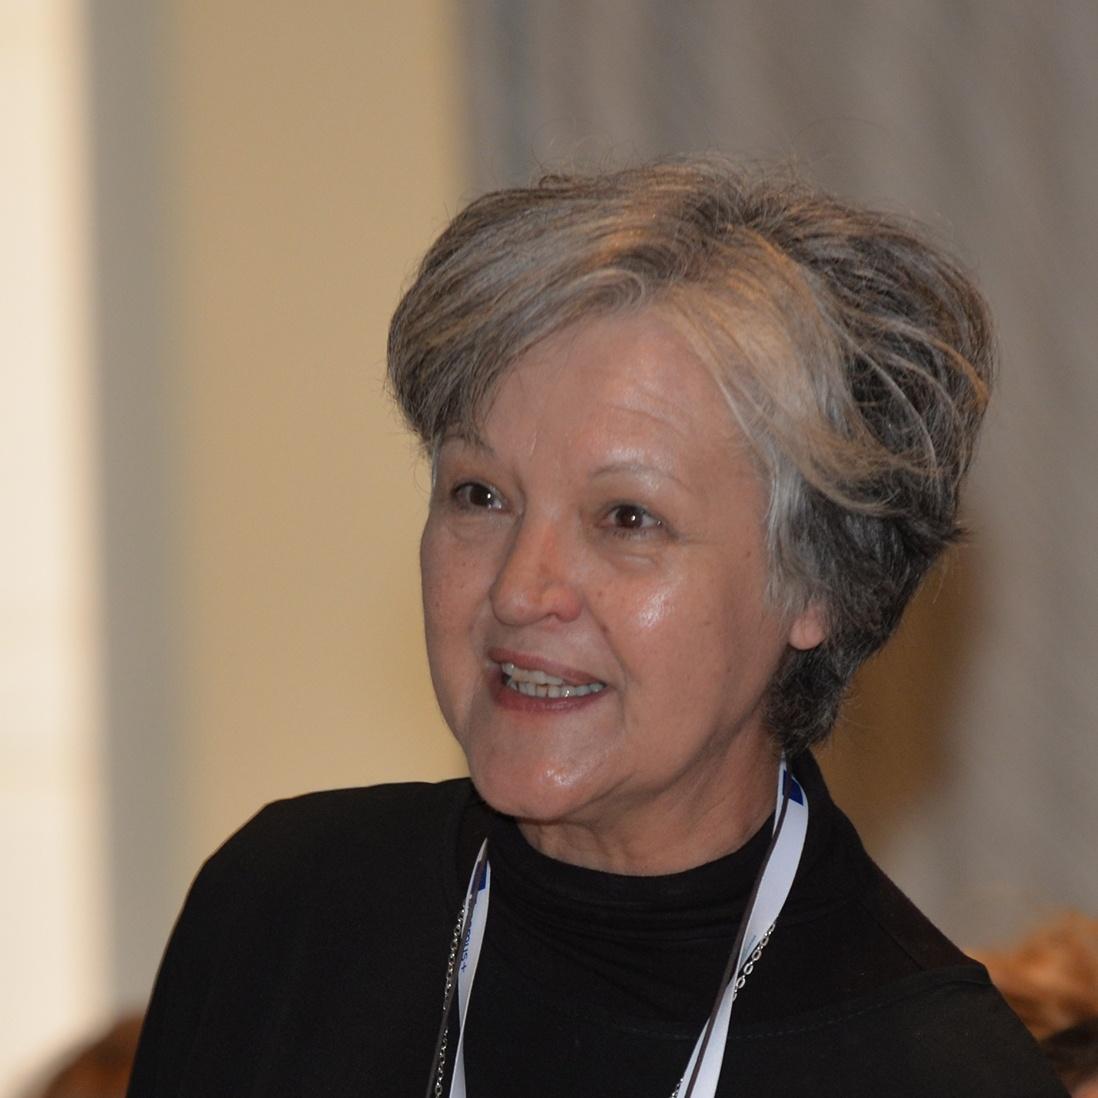 Kathy Kikis-Papadakis